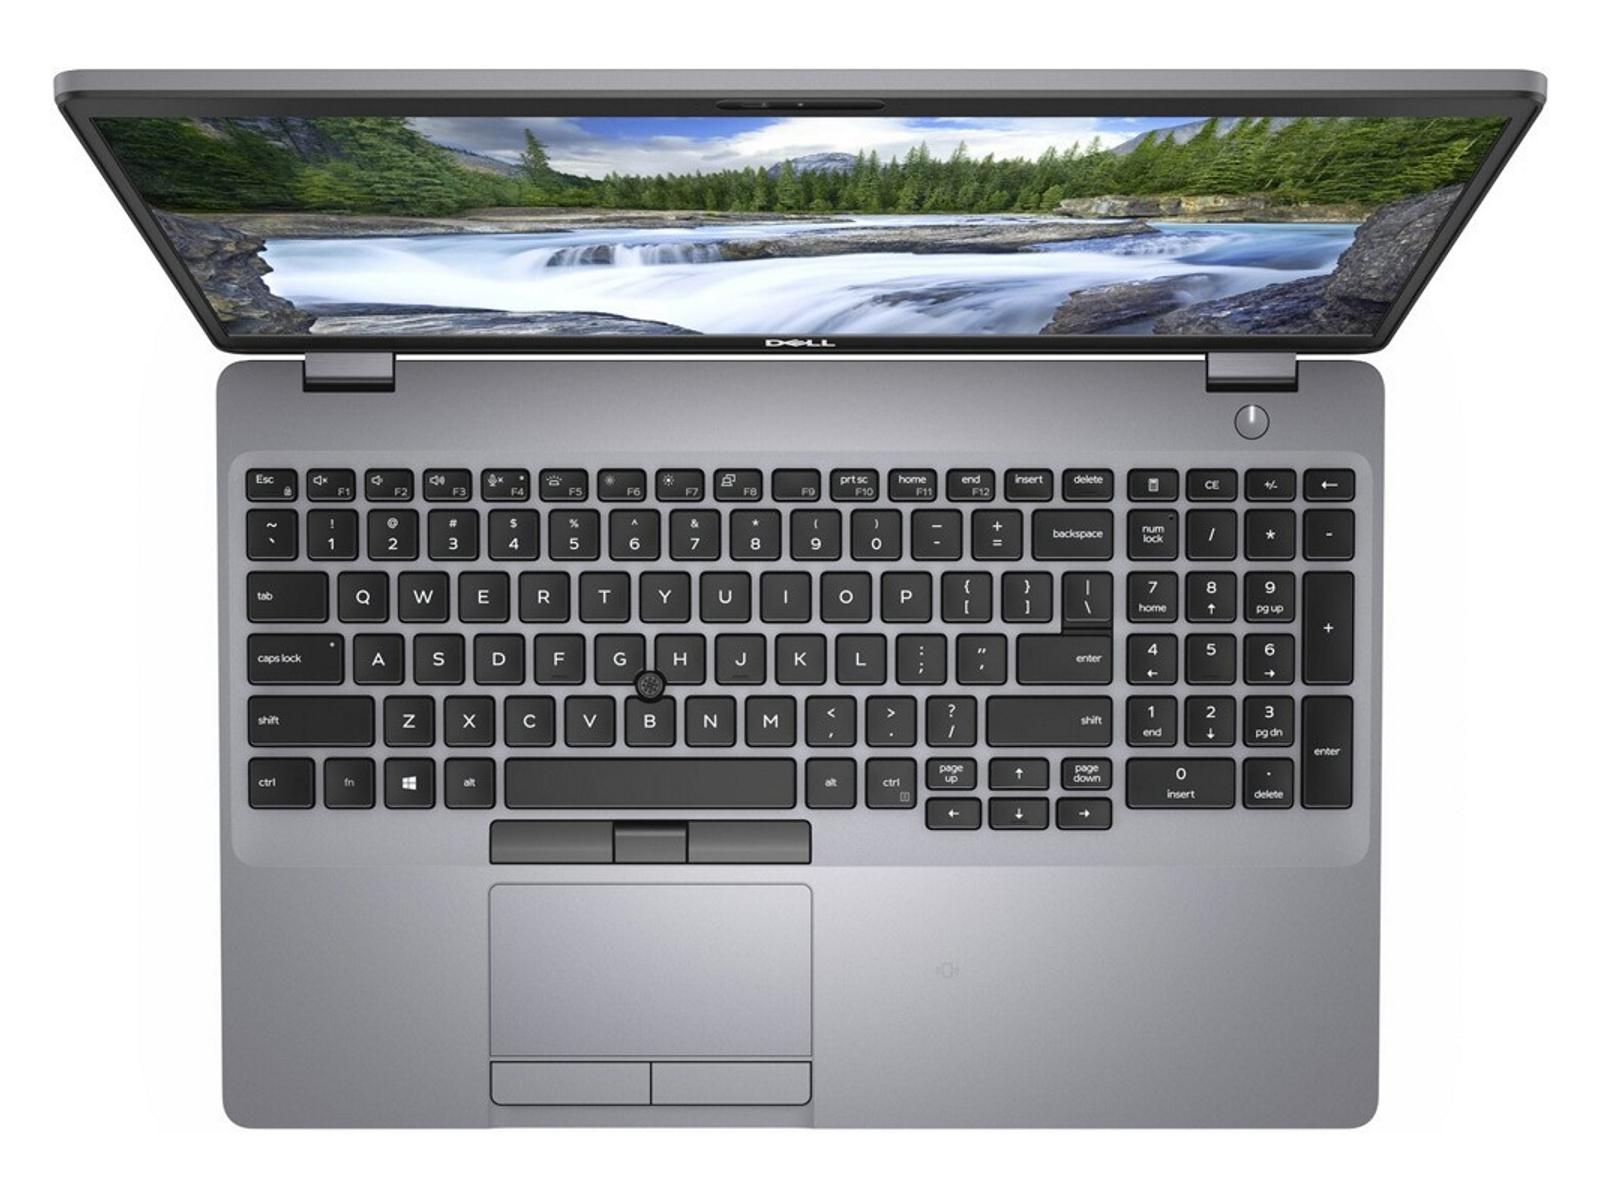 Dell Latitude 5510 Laptop Cover